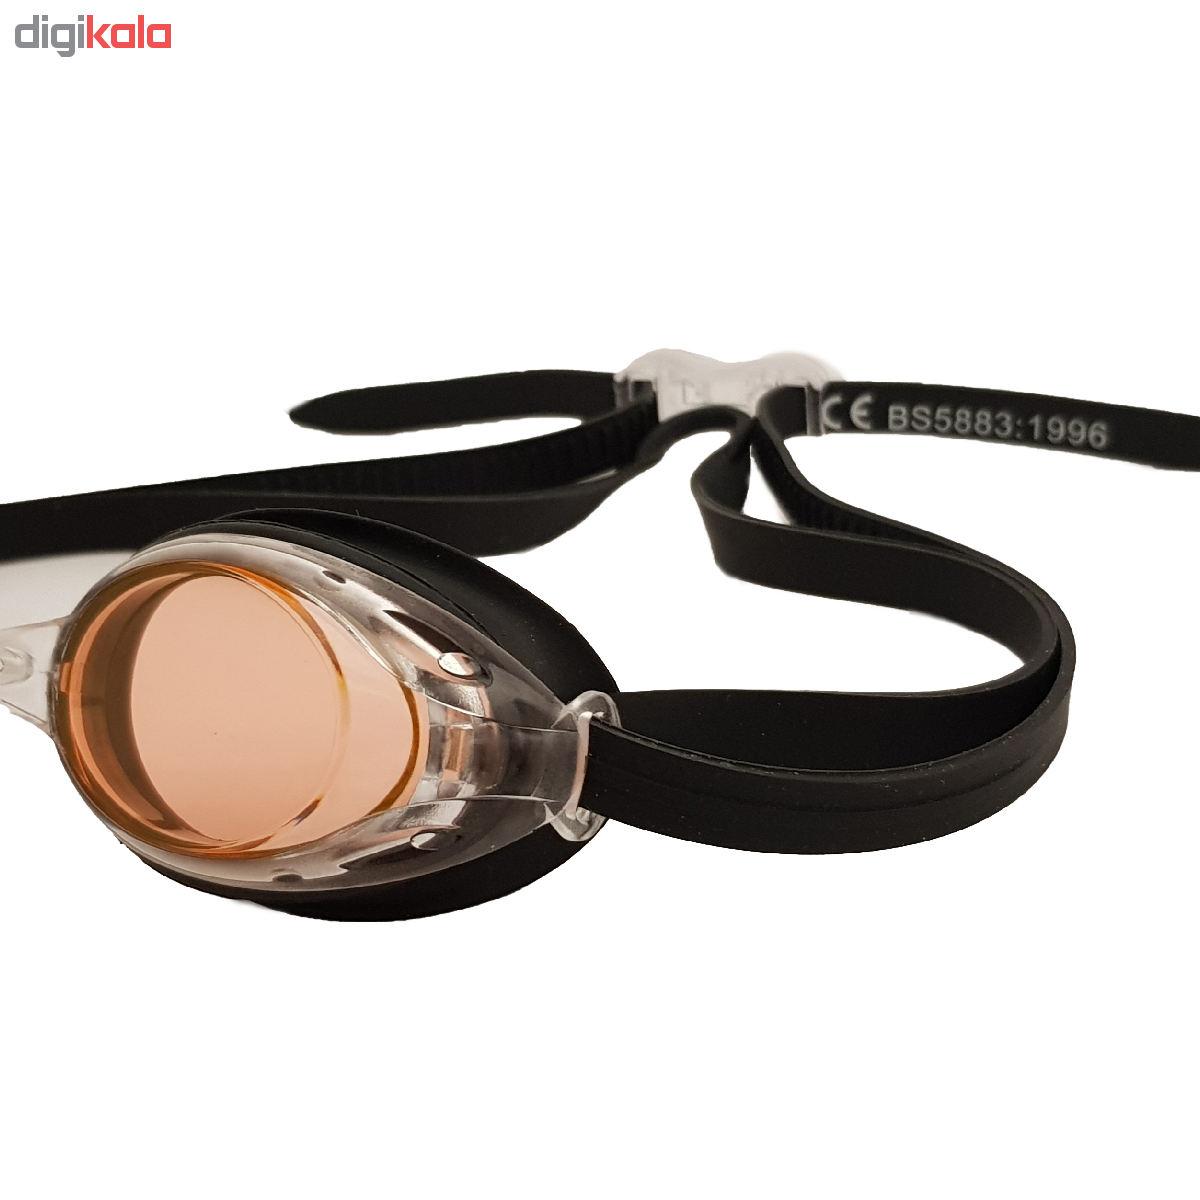 عینک شنا اکوا پرو مدل ADVENTURE  main 1 7